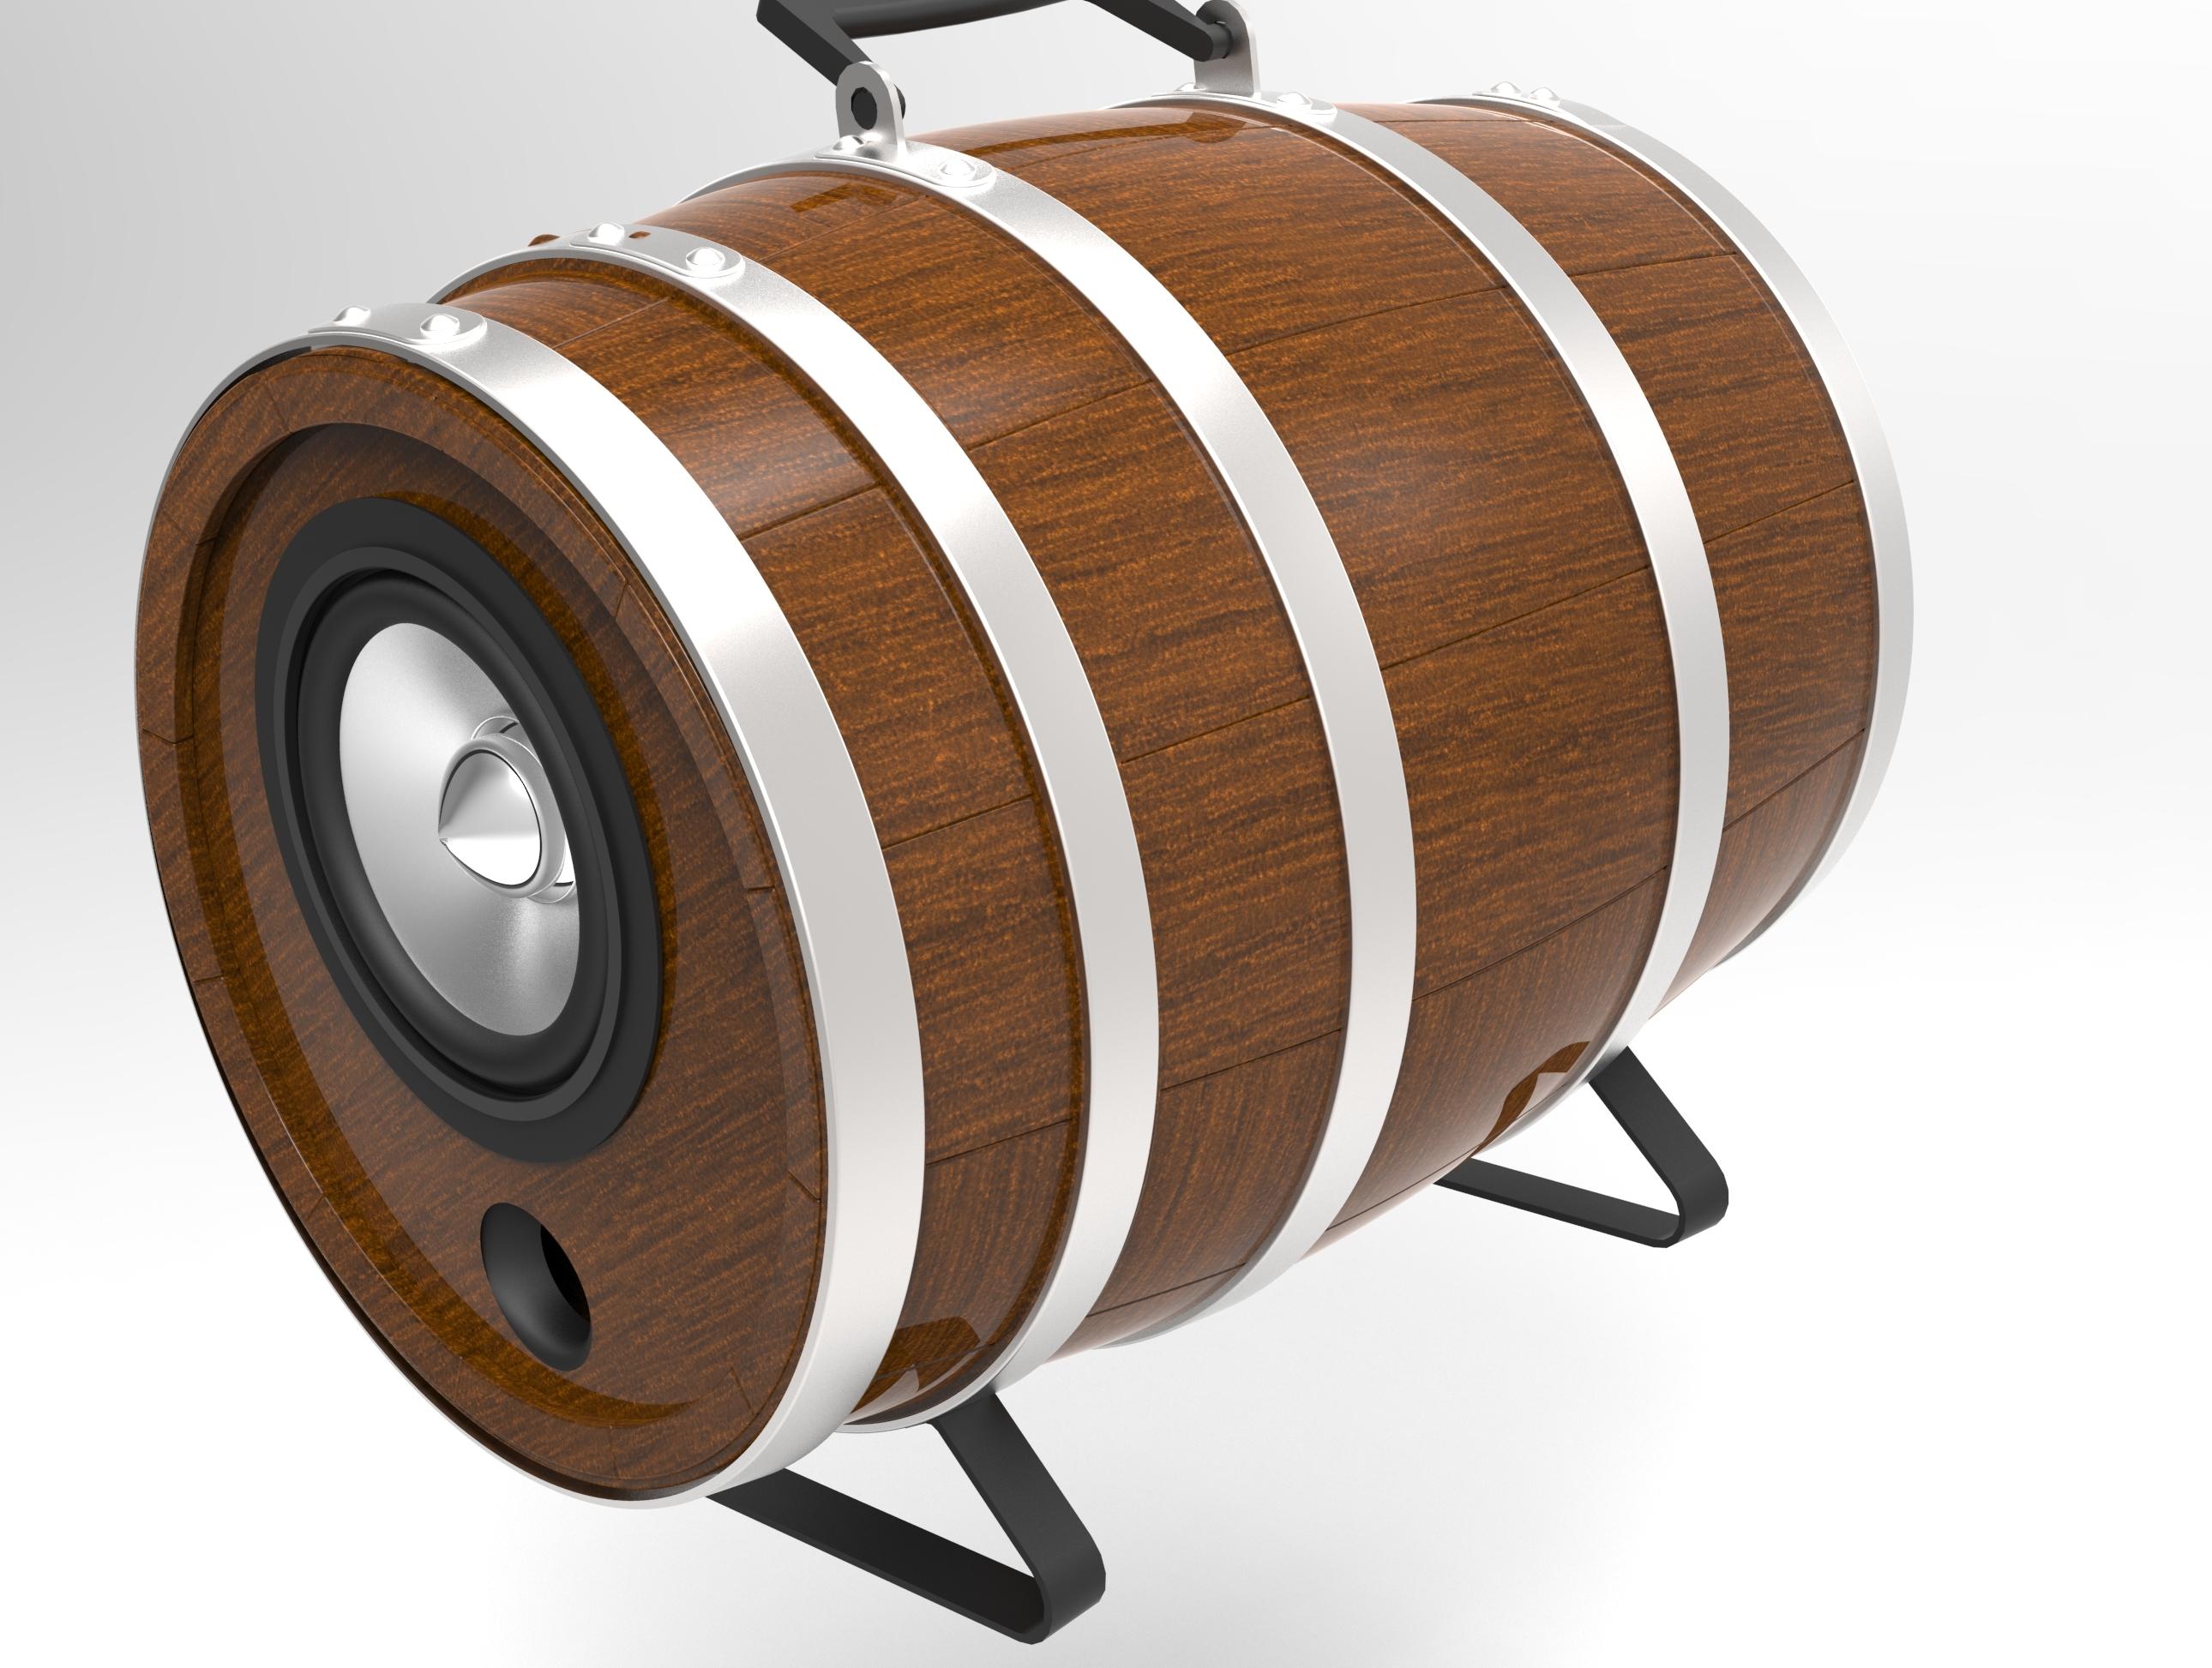 barrel-speaker-72